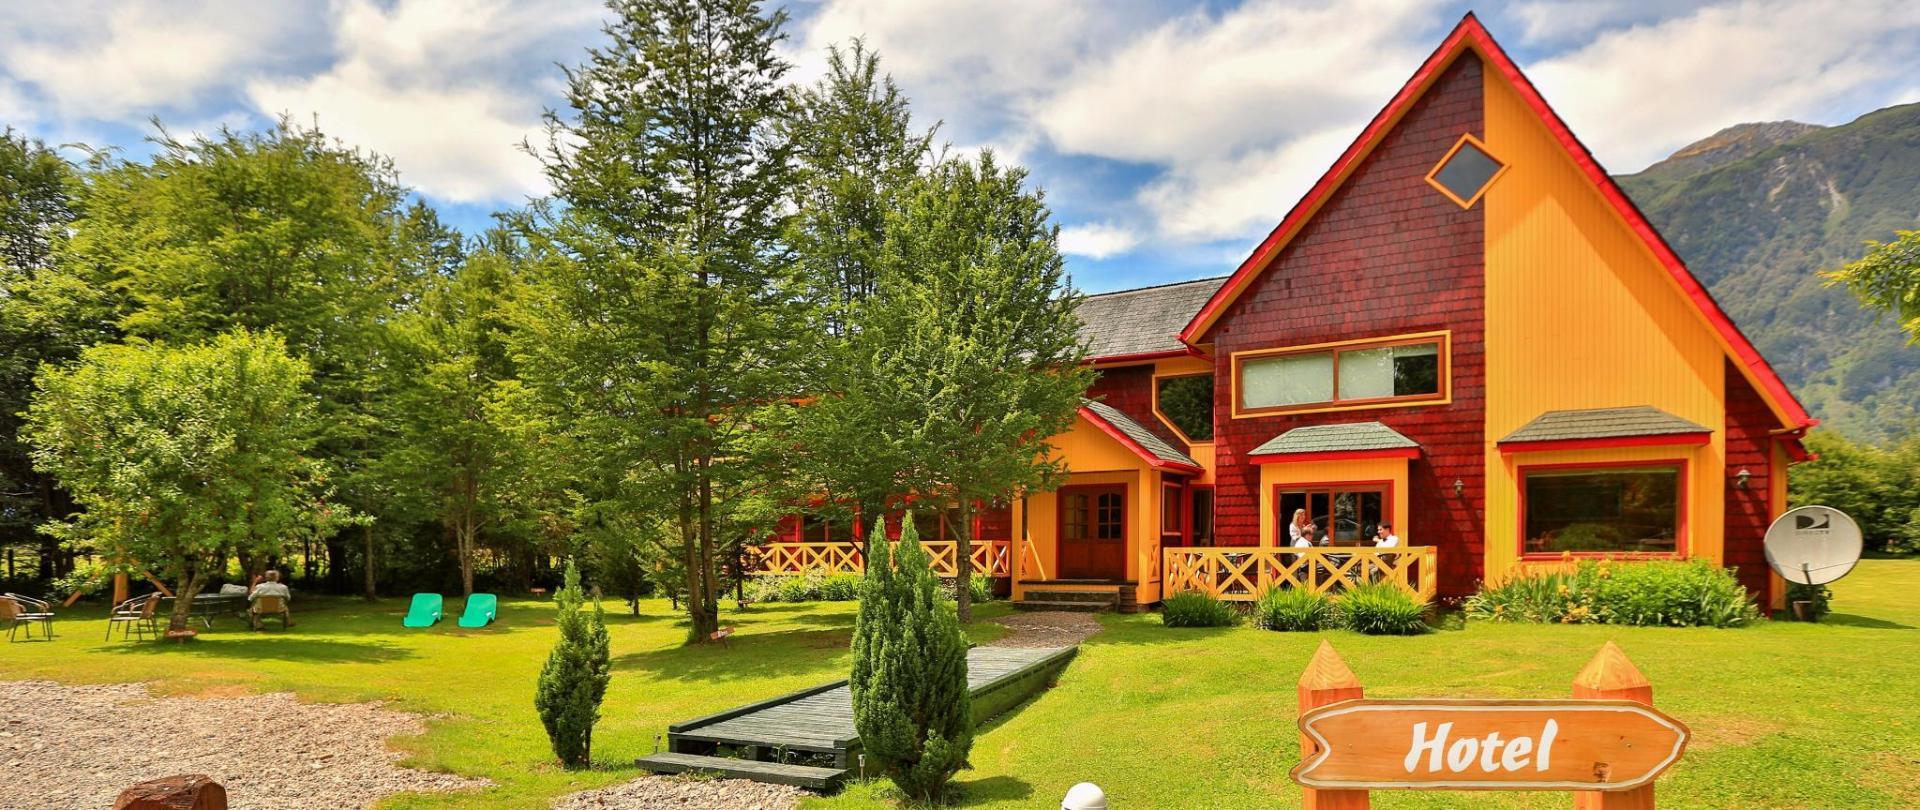 Hotel y Cabañas Patagonia Verde